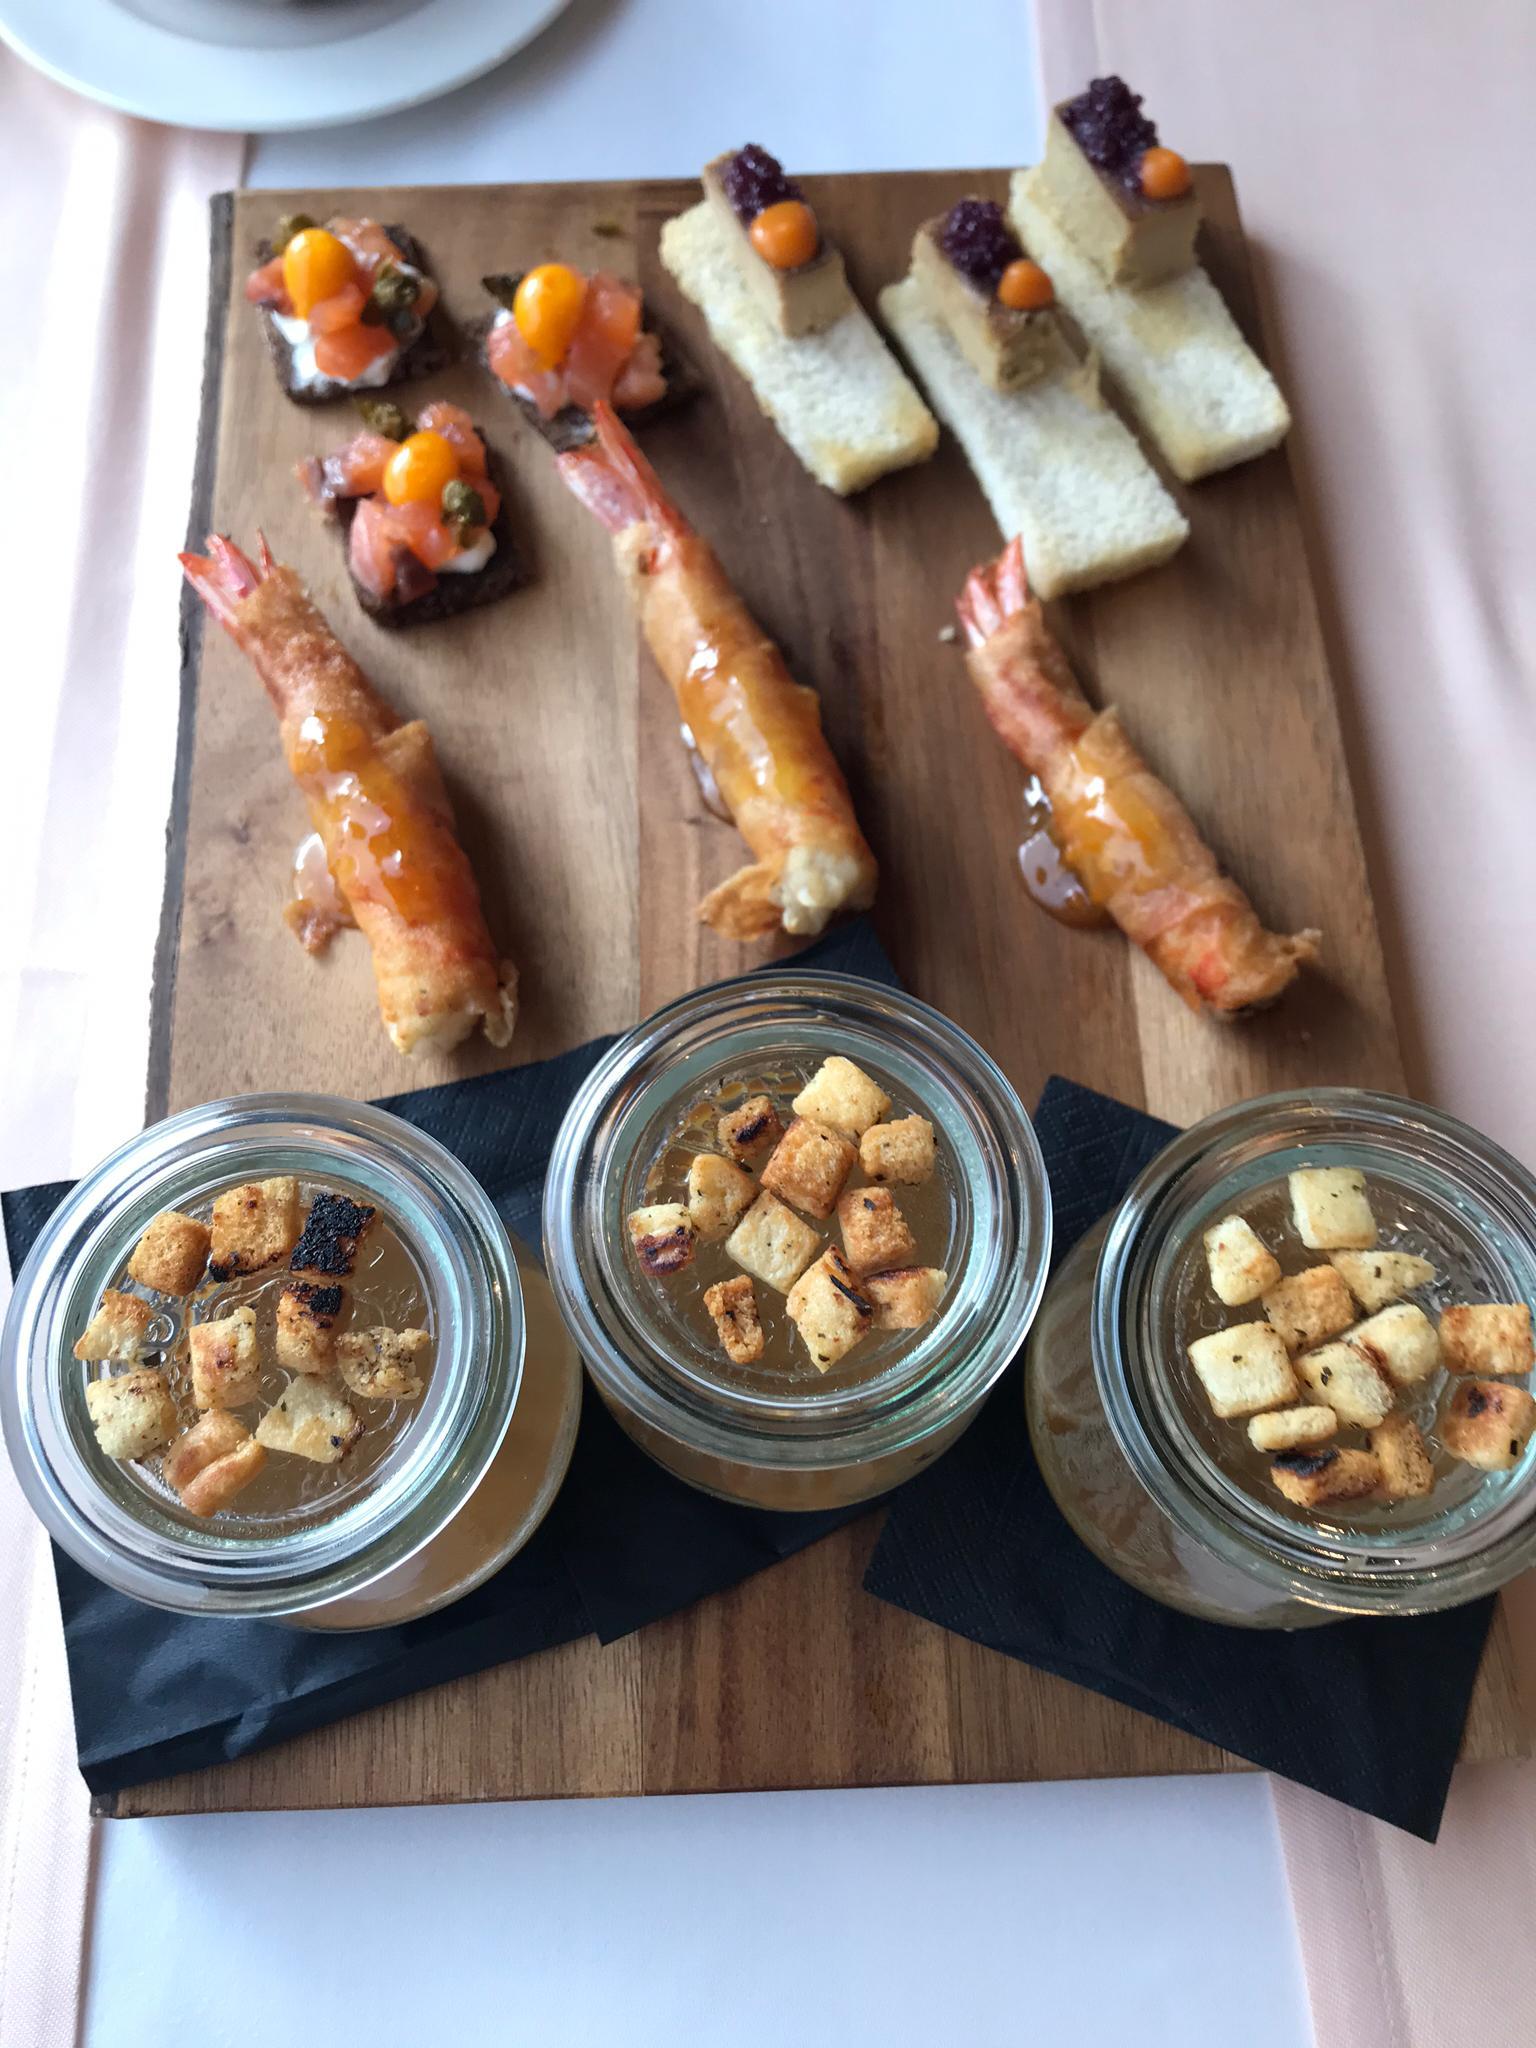 Reseñas gastronómicas: Restaurante 'De Floriana' en Molinaseca 3